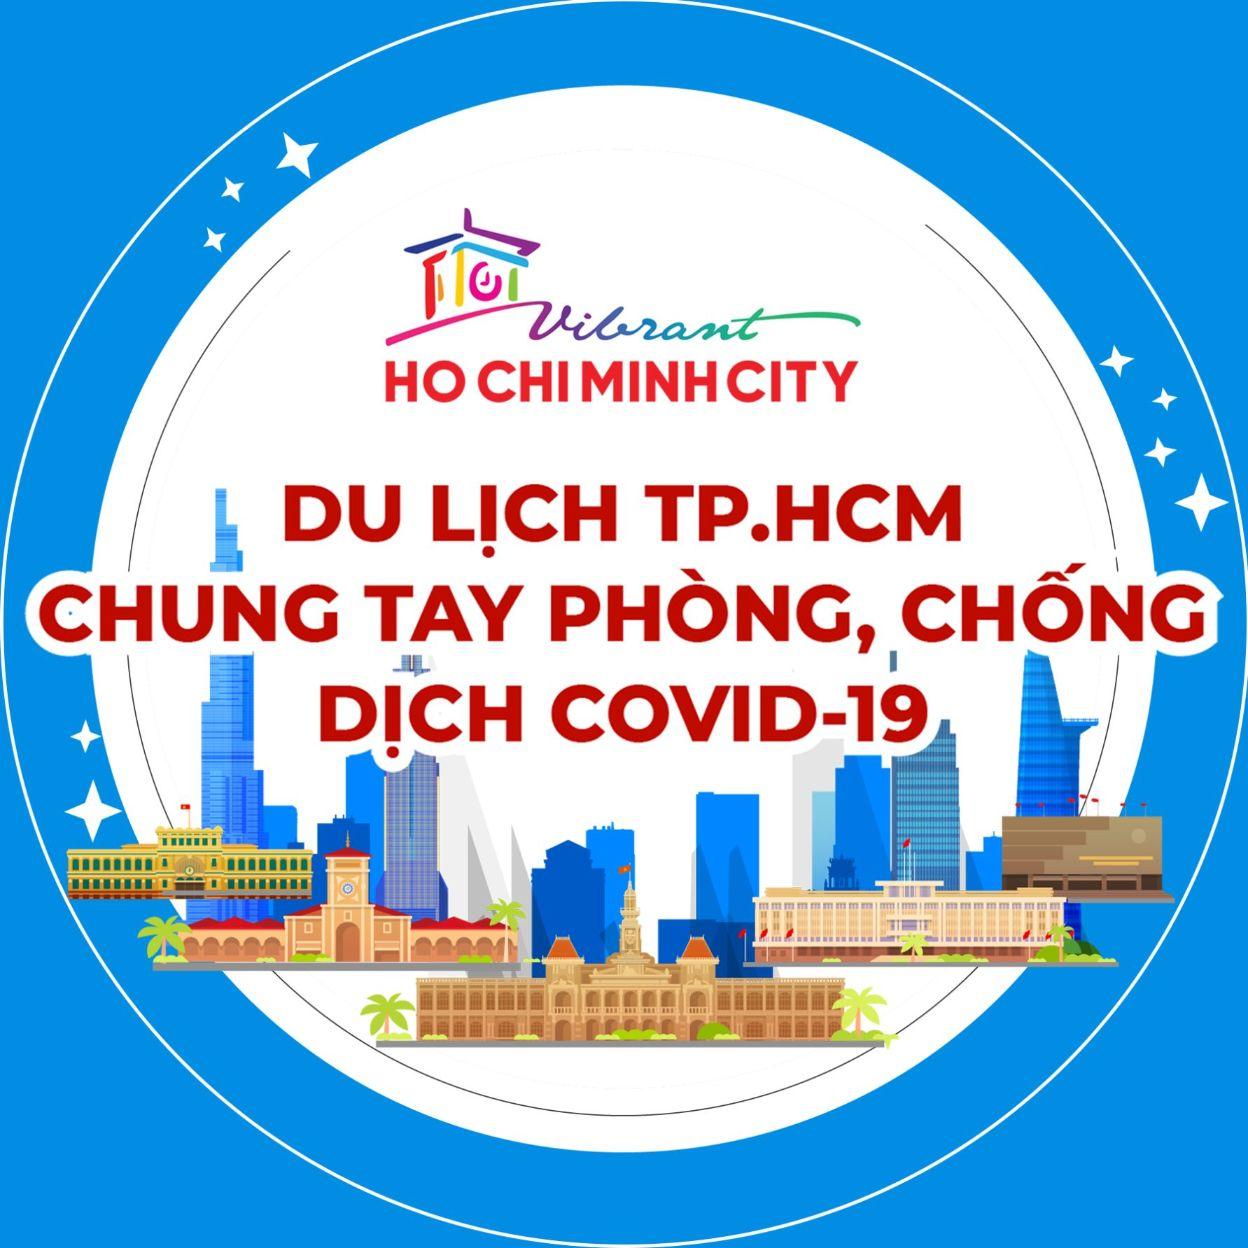 Anh Dai Dien Fb Chong Dich.jpg 1